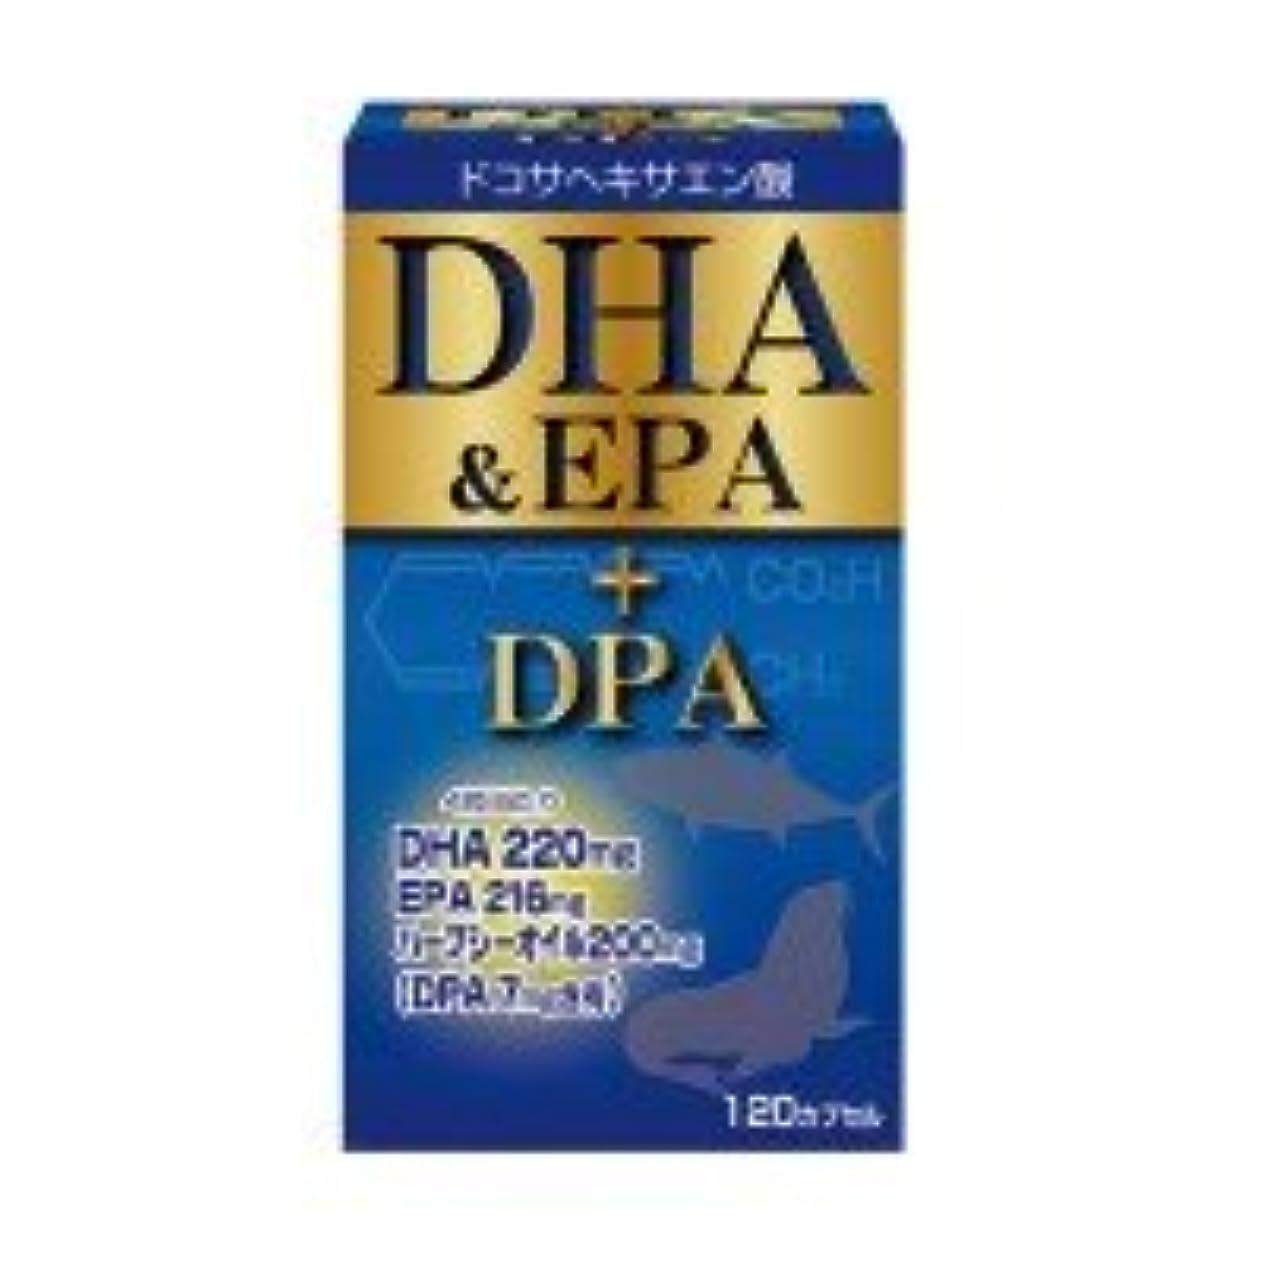 ワンダー快いパフユーワ DHA&EPA+DPA 120カプセル (品番:3091)